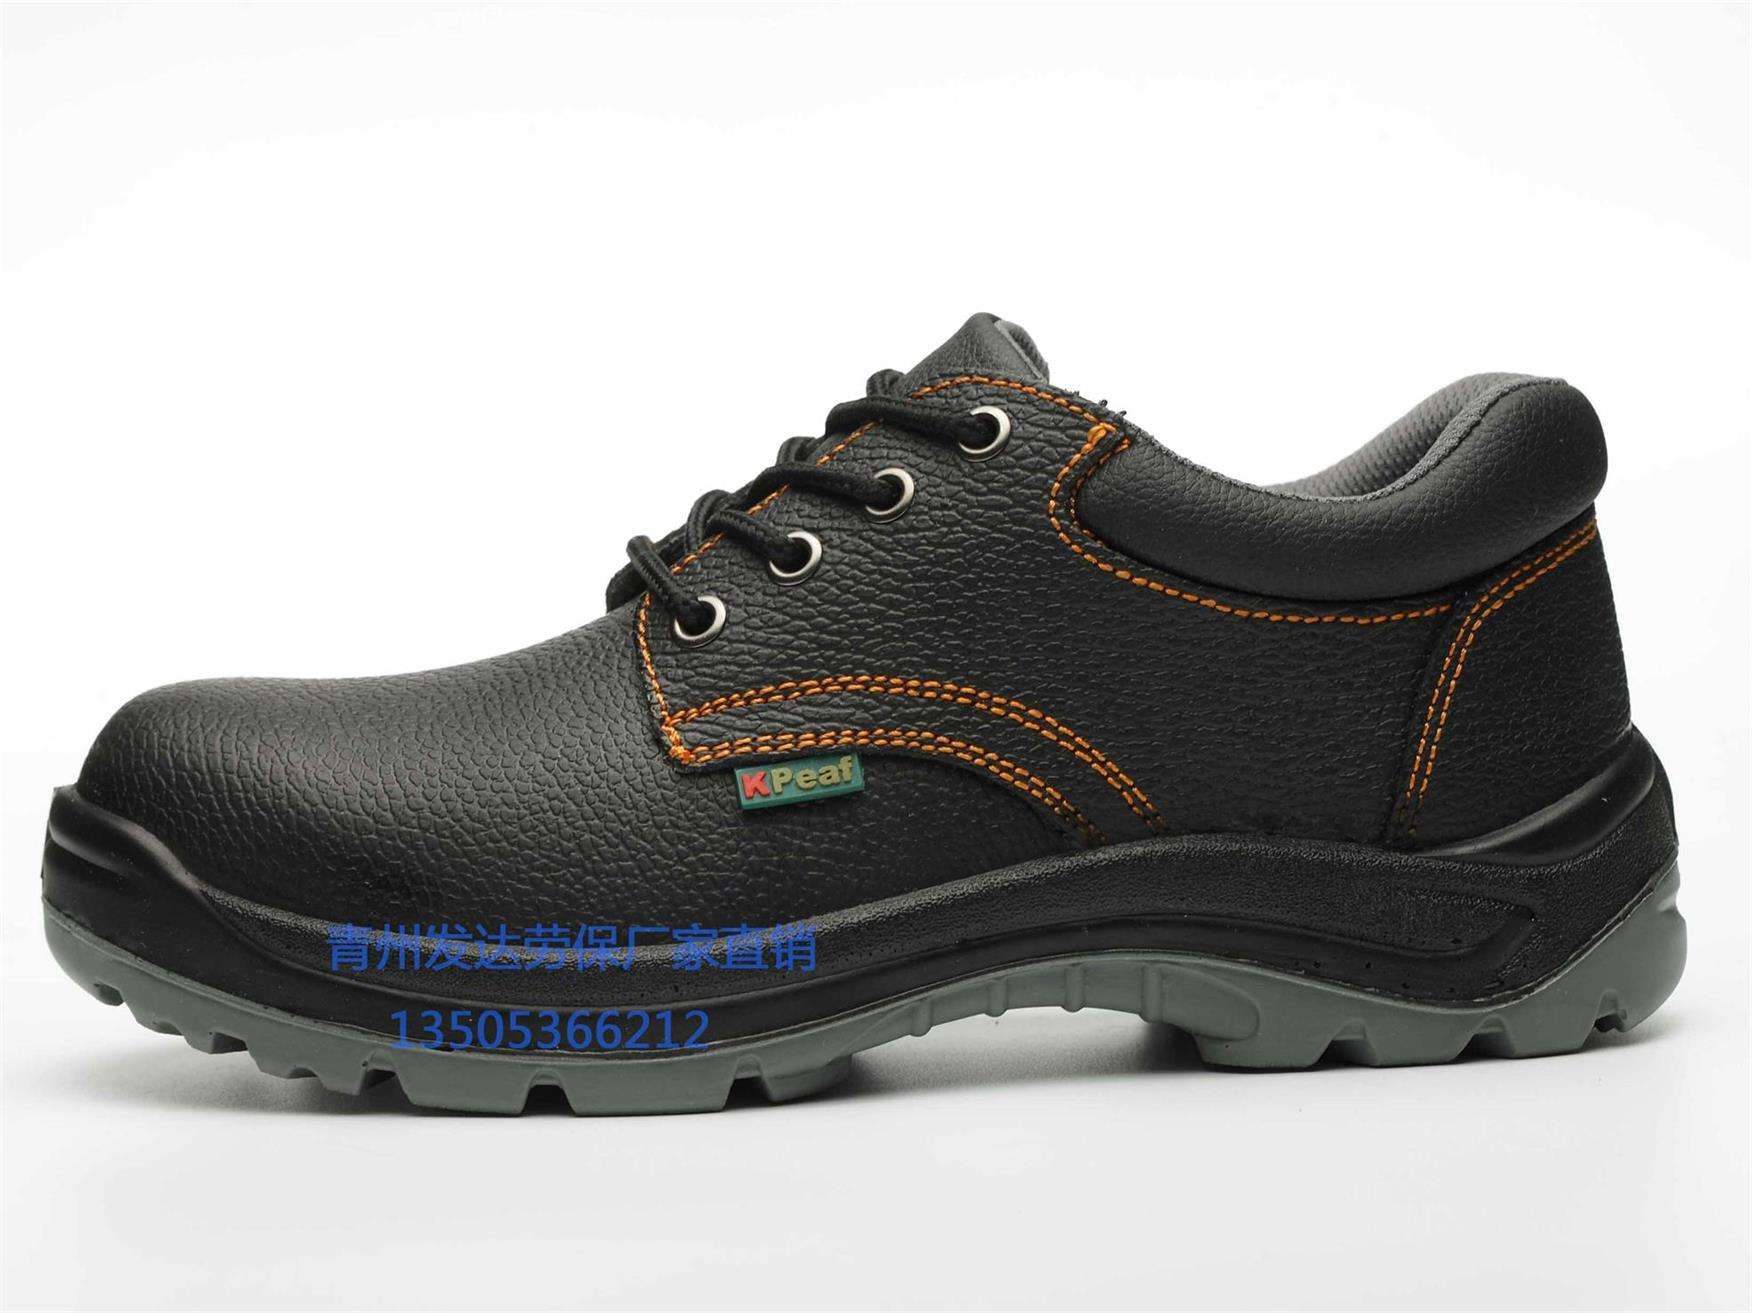 山东征雪安全鞋|kpeaf安全鞋生产厂家,推荐发达劳保